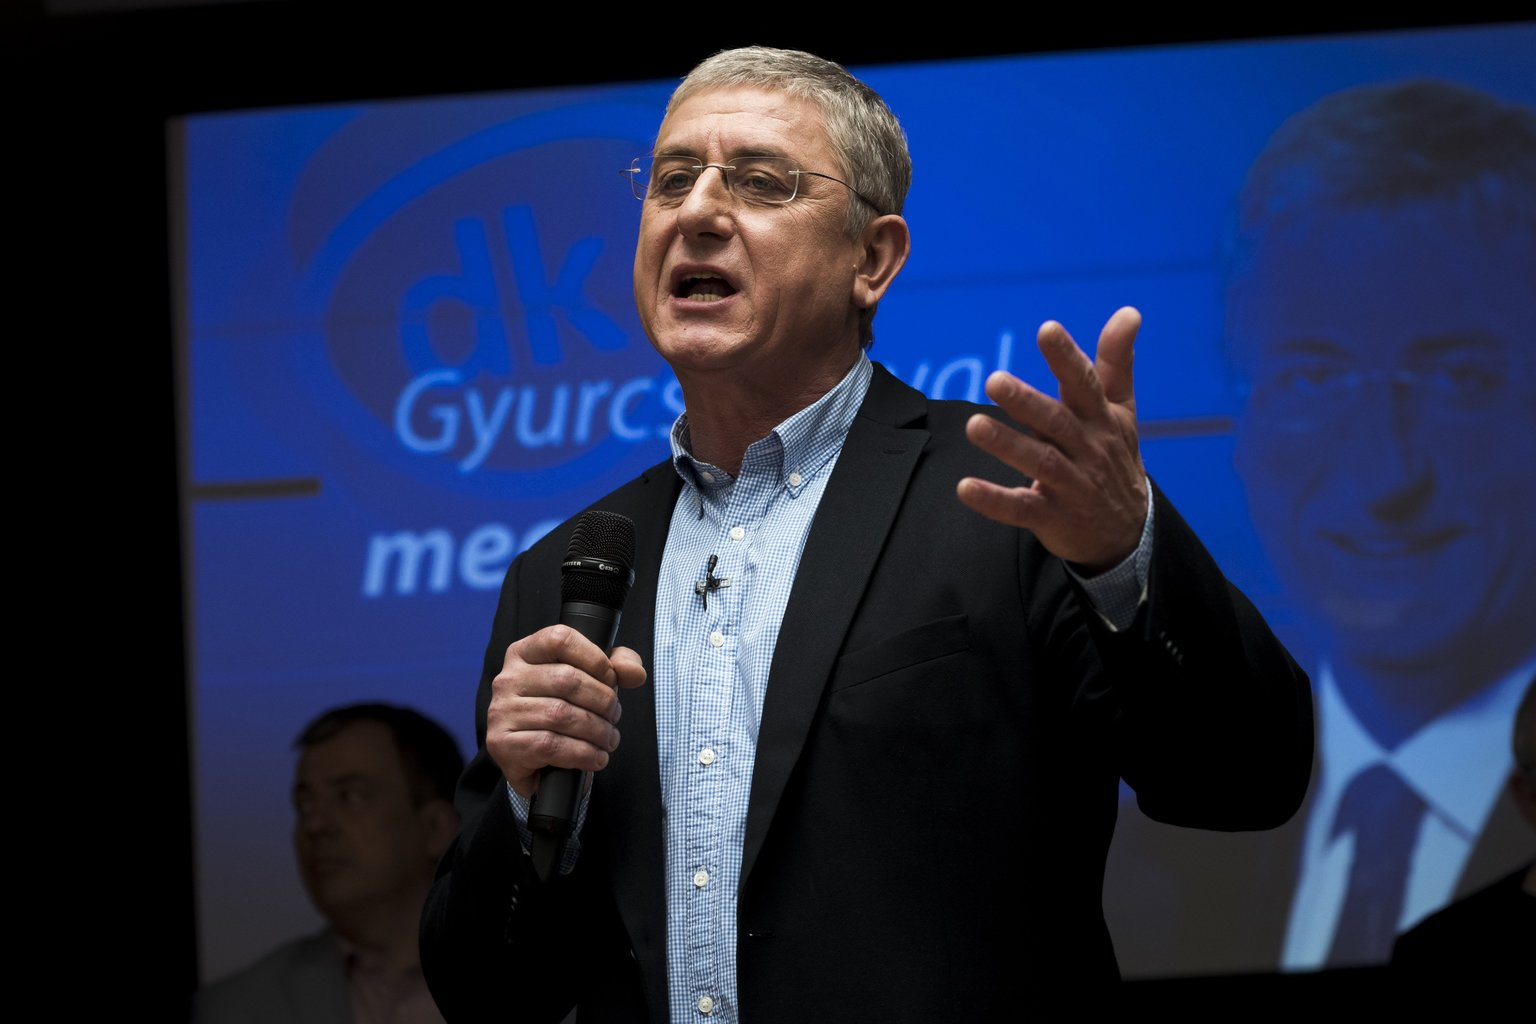 Gyurcsány Ferenc, a Demokratikus Koalíció elnöke (Fotó: MTI/Mónus Márton)